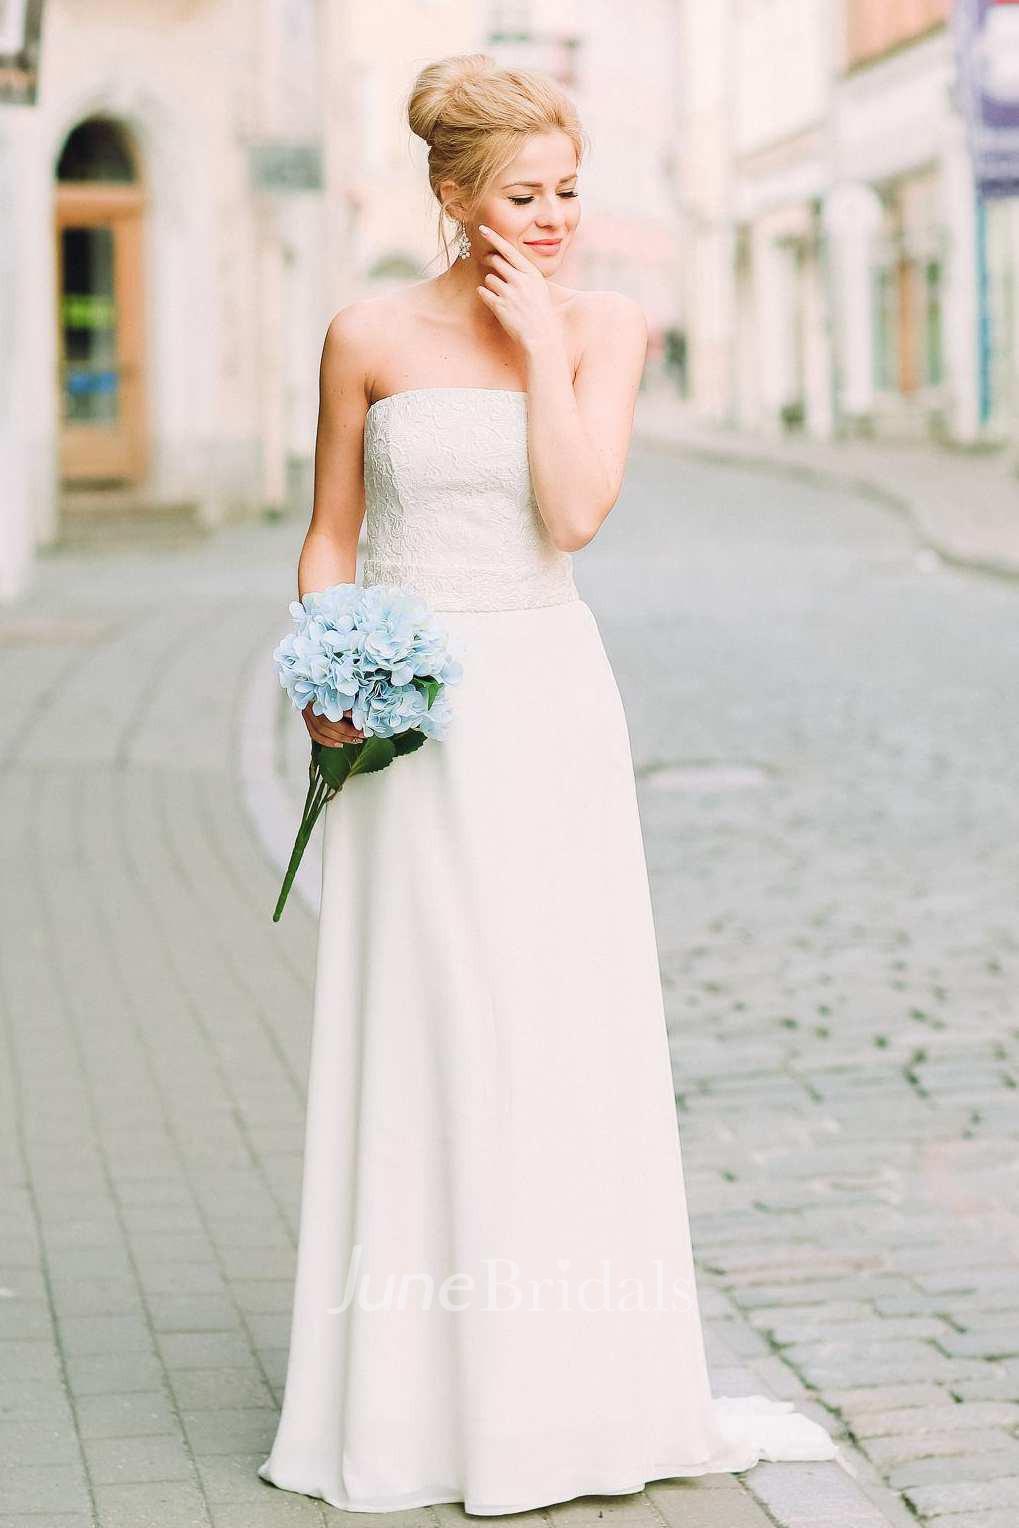 Chiffon Satin Lace Lace Up Corset Back Wedding Dress